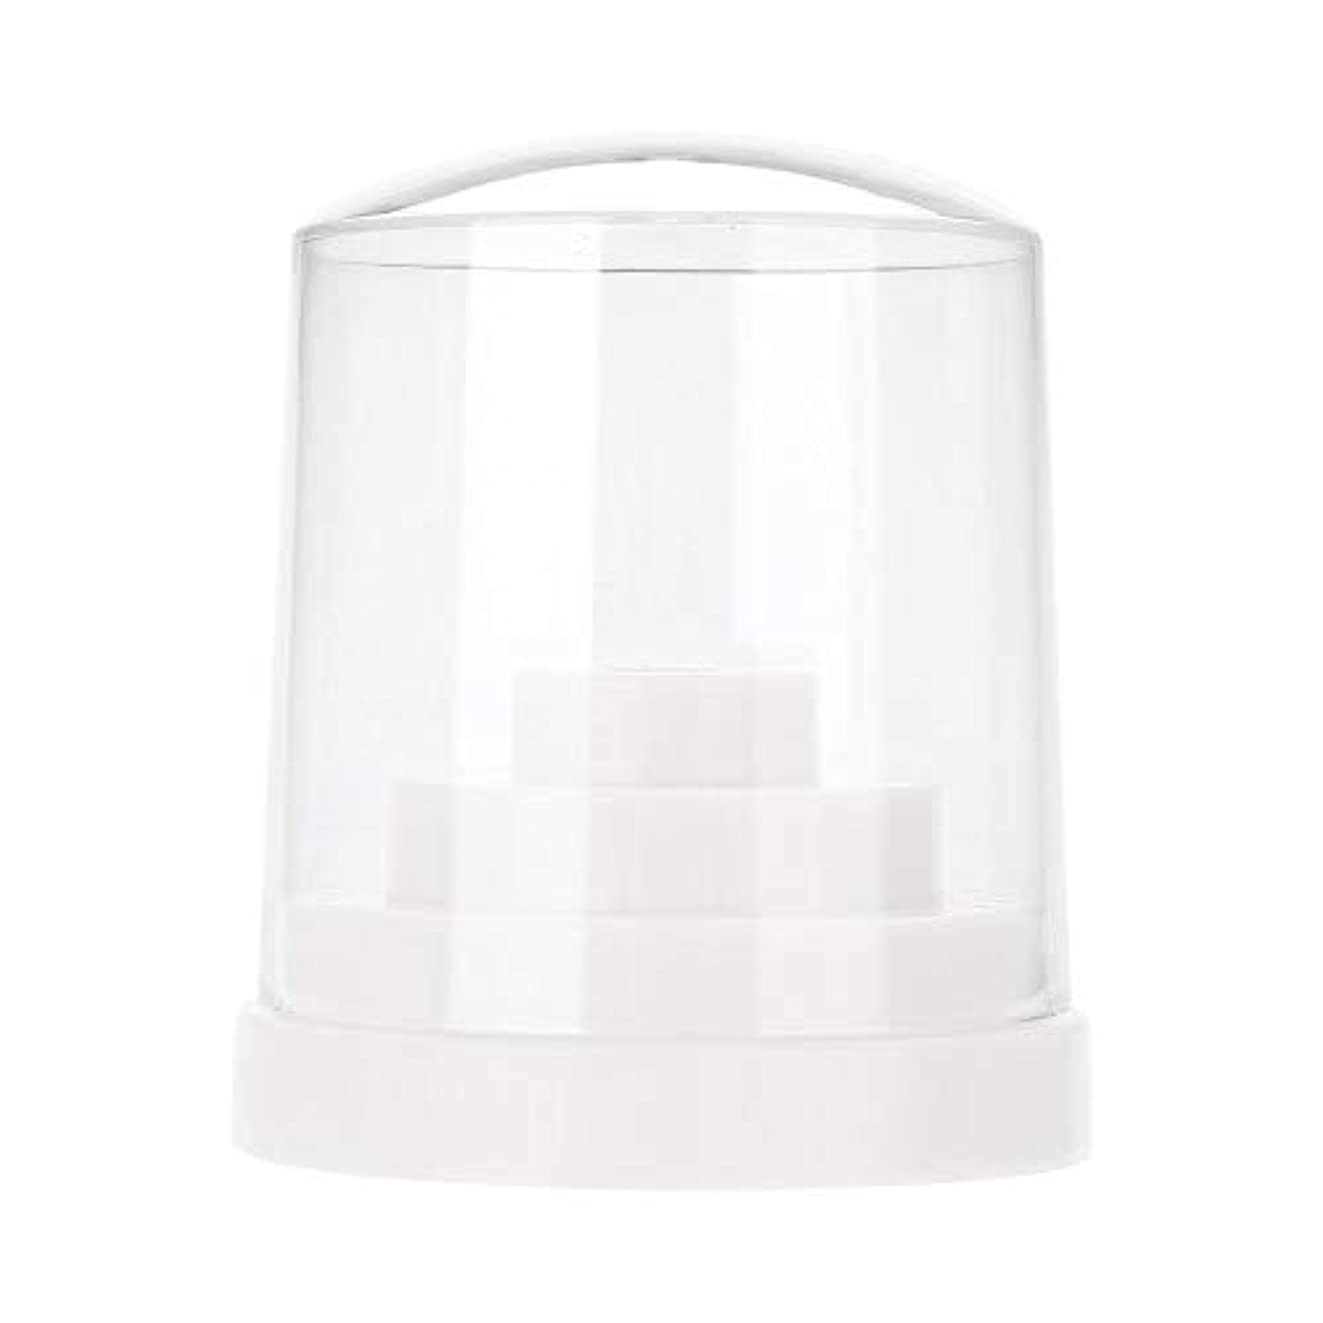 霧深い赤ちゃんピストンネイルドリルスタンド、48穴ネイルアートプラスチックネイルケアドリルスタンドホルダードリルビットディスプレイオーガナイザーボックスアートアクセサリー(白)